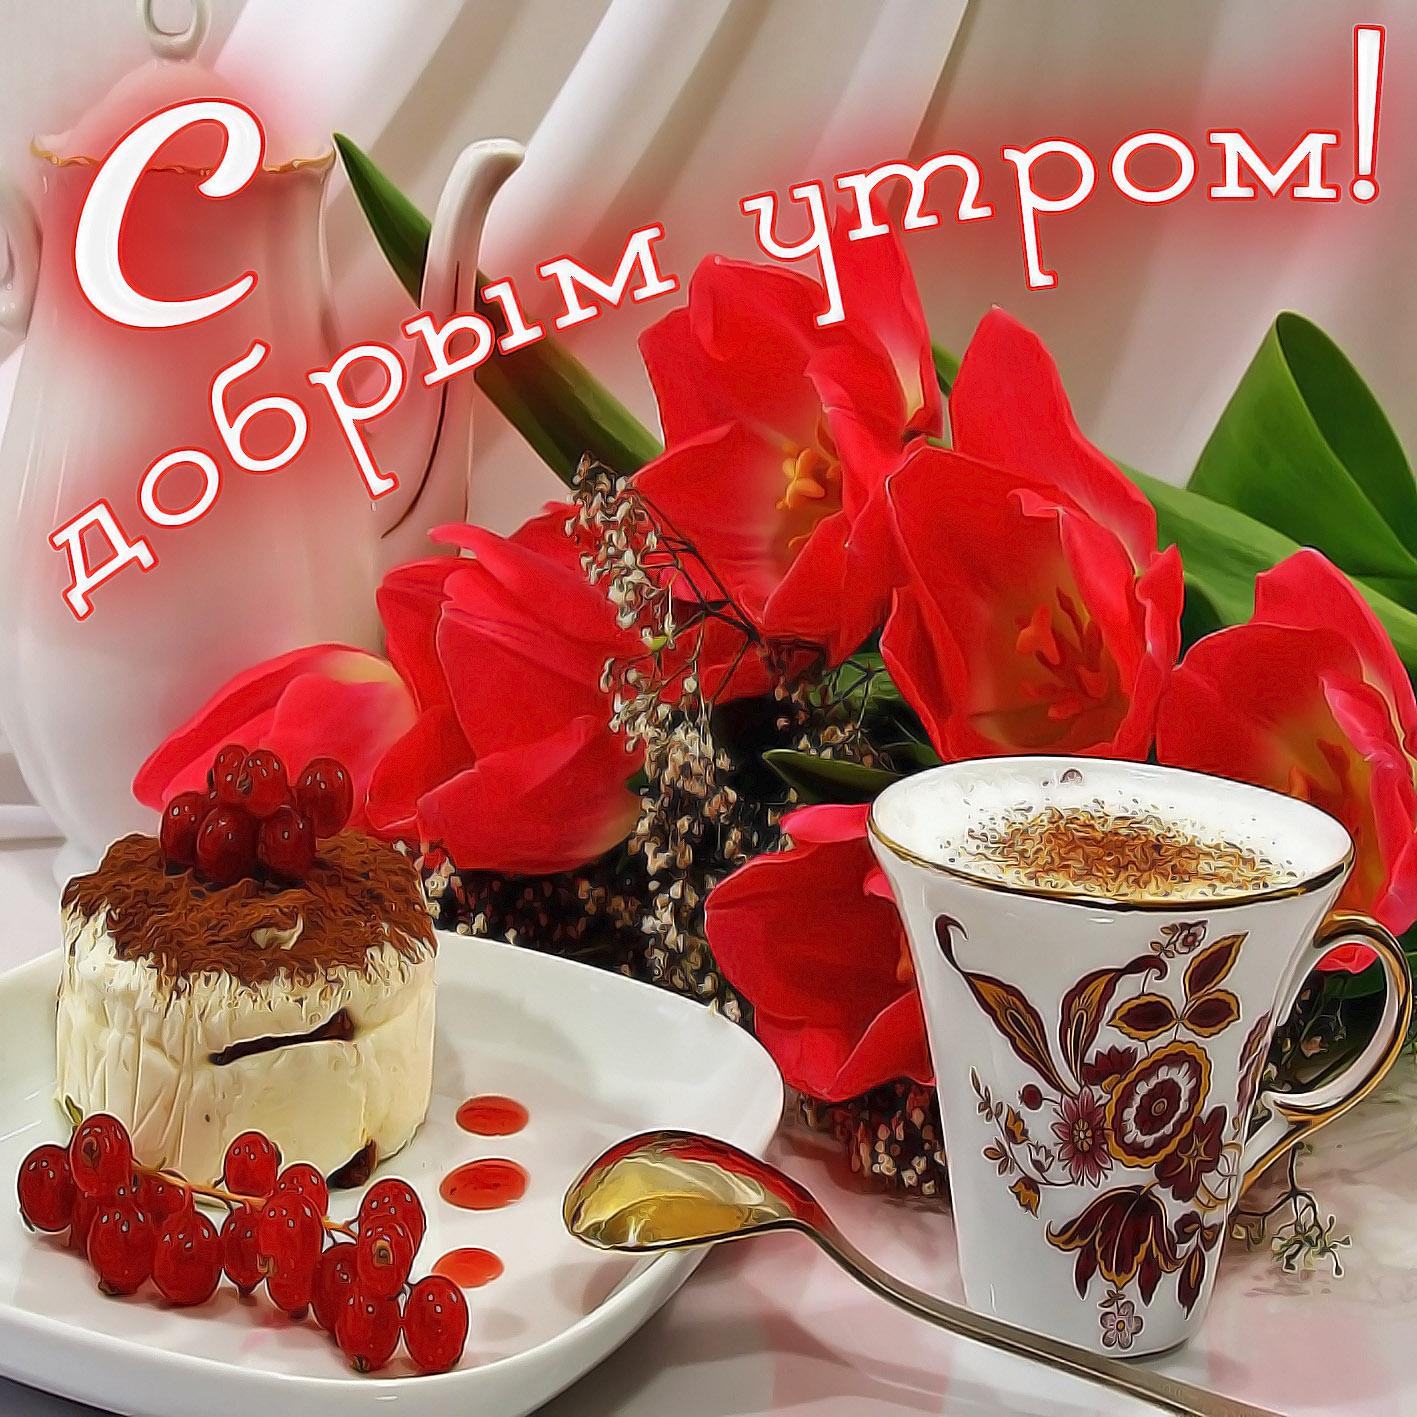 Открытка доброе утро с цветами и пирожным